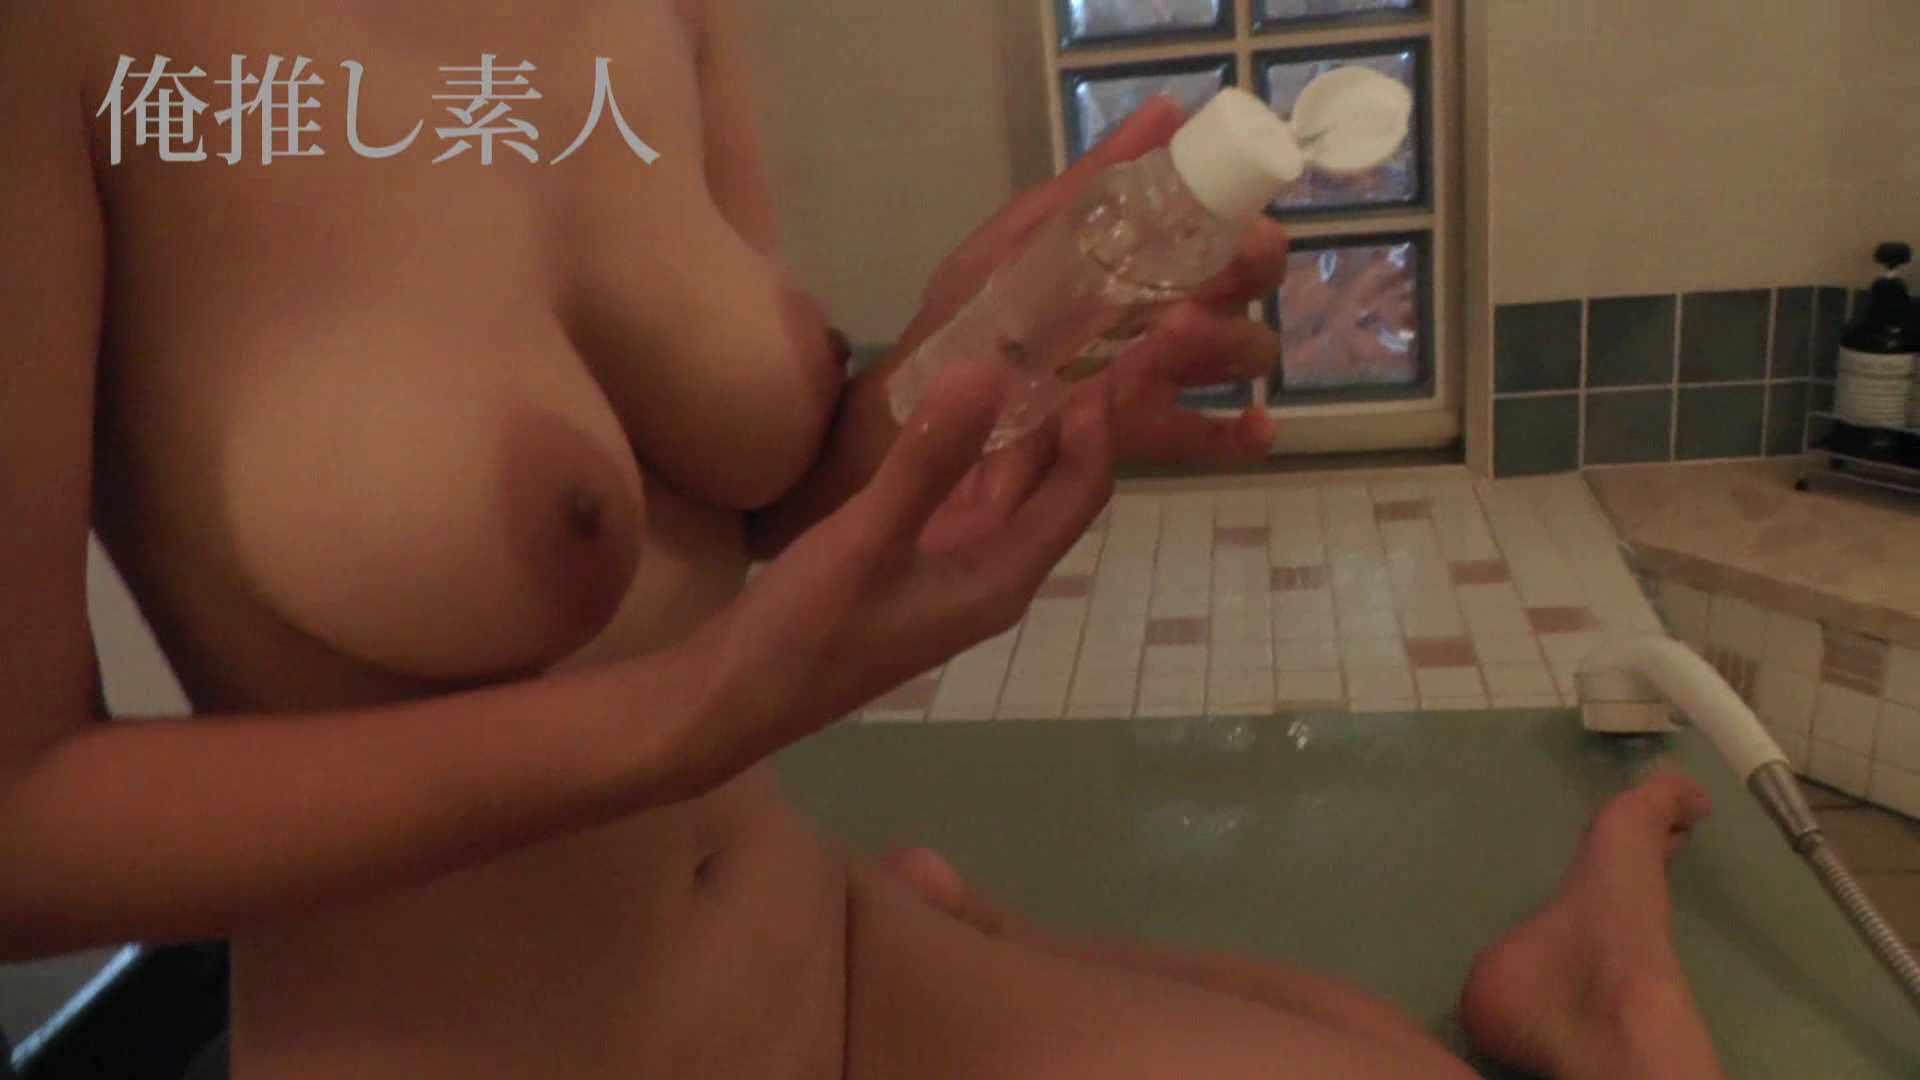 俺推し素人 30代人妻熟女キャバ嬢雫Vol.02 一般投稿 | 人妻のエッチ  100pic 29